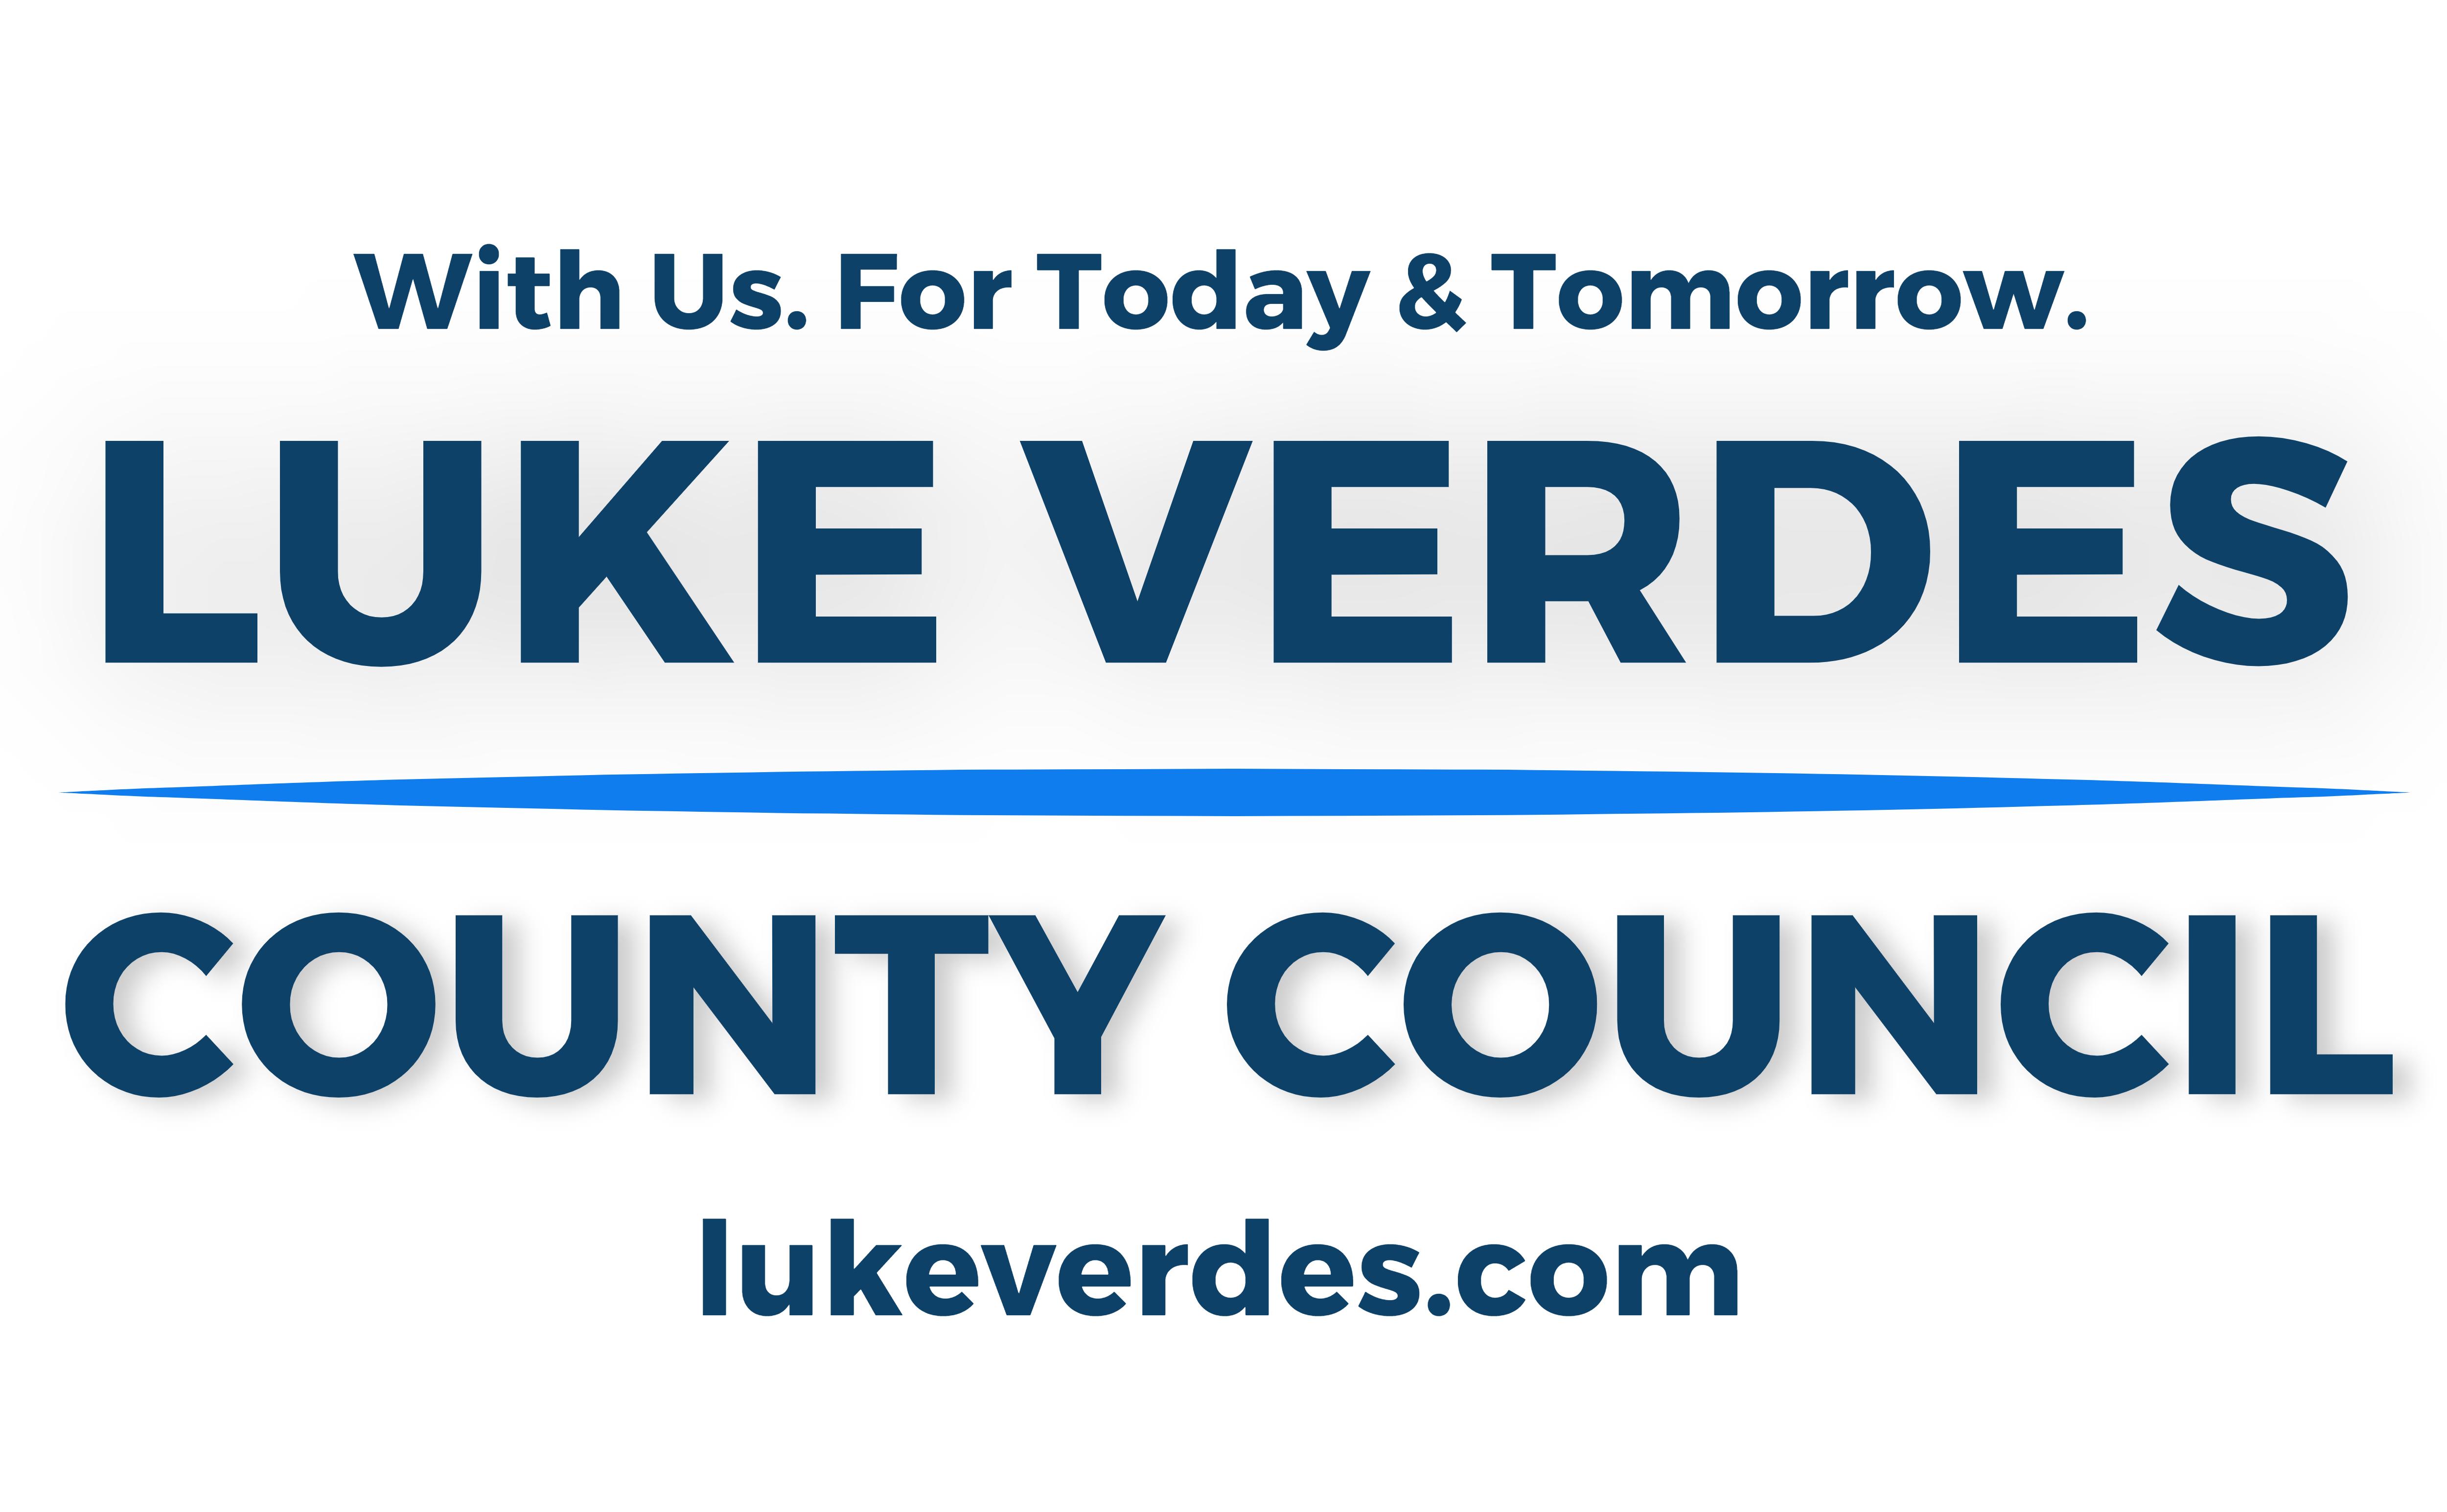 Luke Verdes